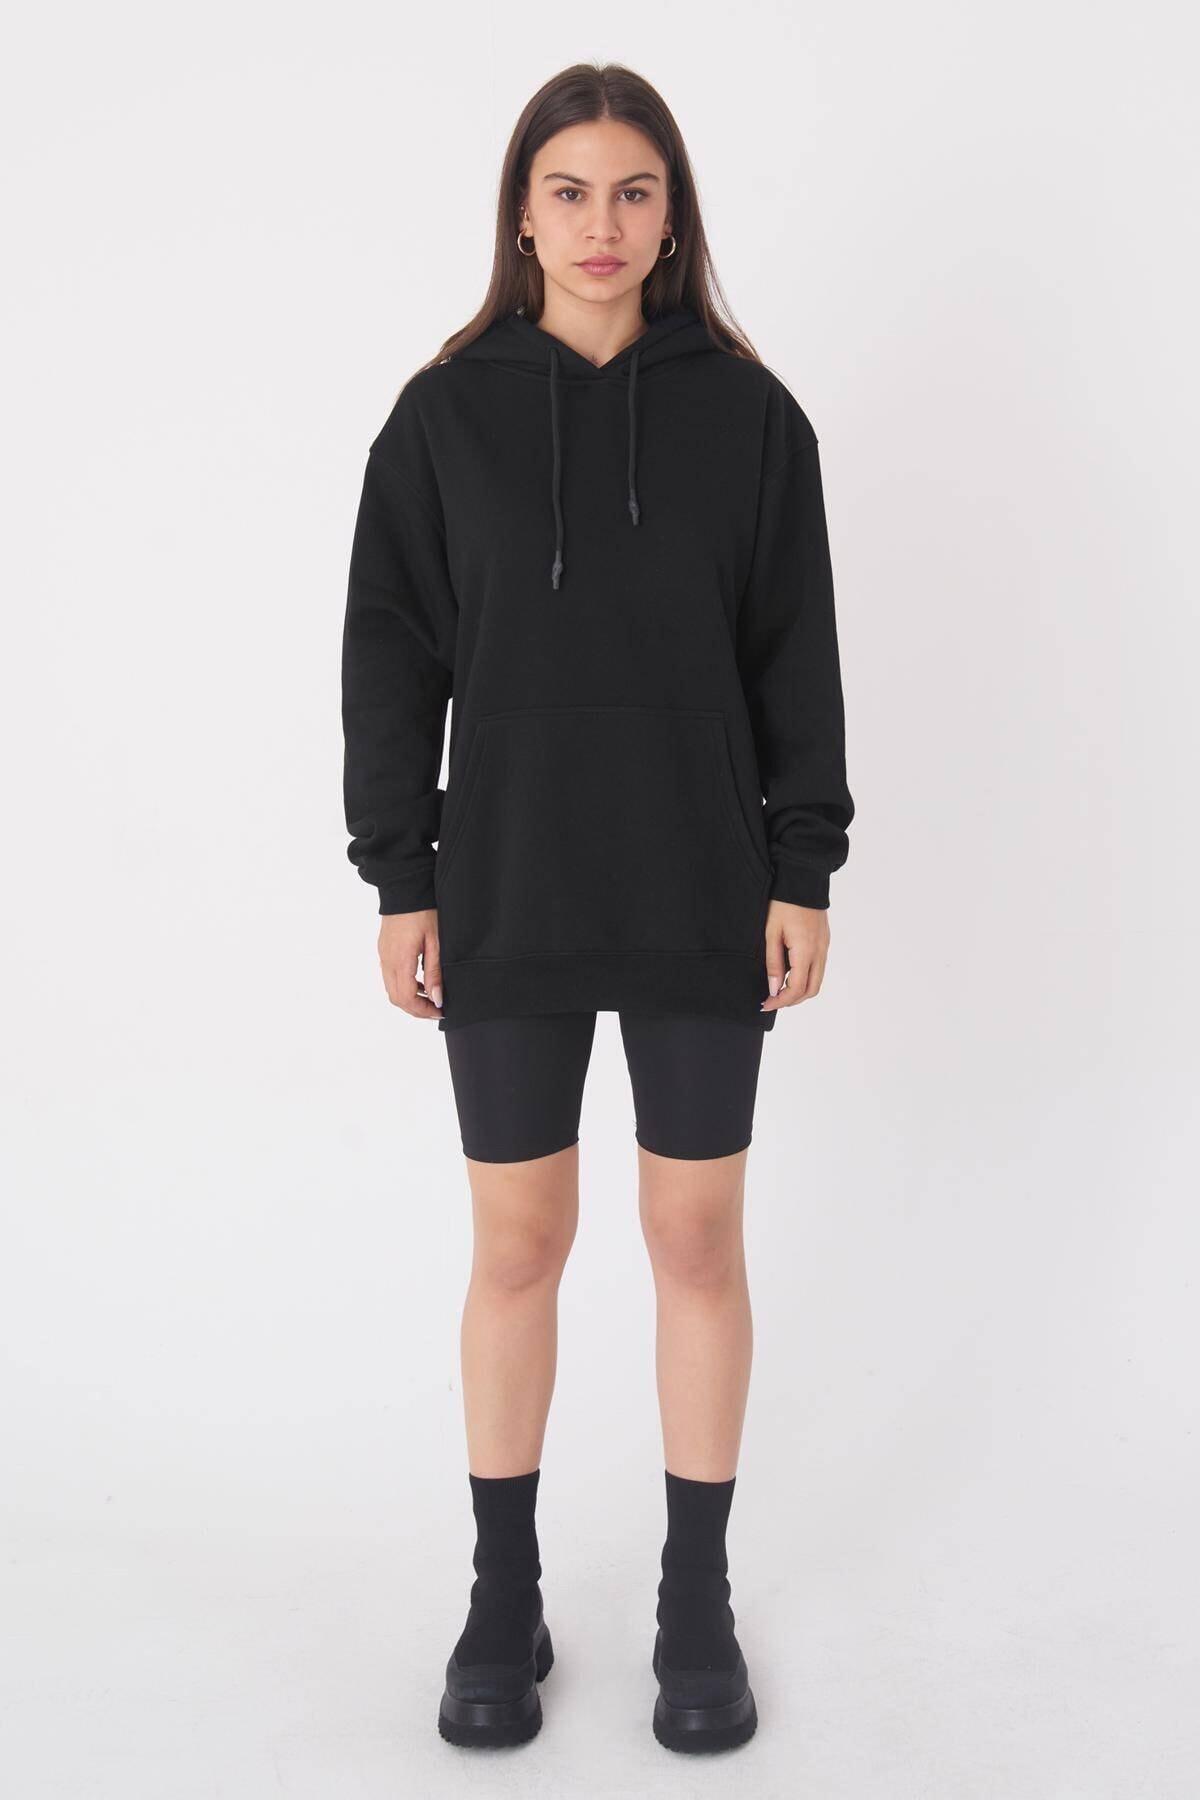 Addax Kadın Siyah Kapşonlu Oversize Sweat S0925 - G11 ADX-0000022256 1